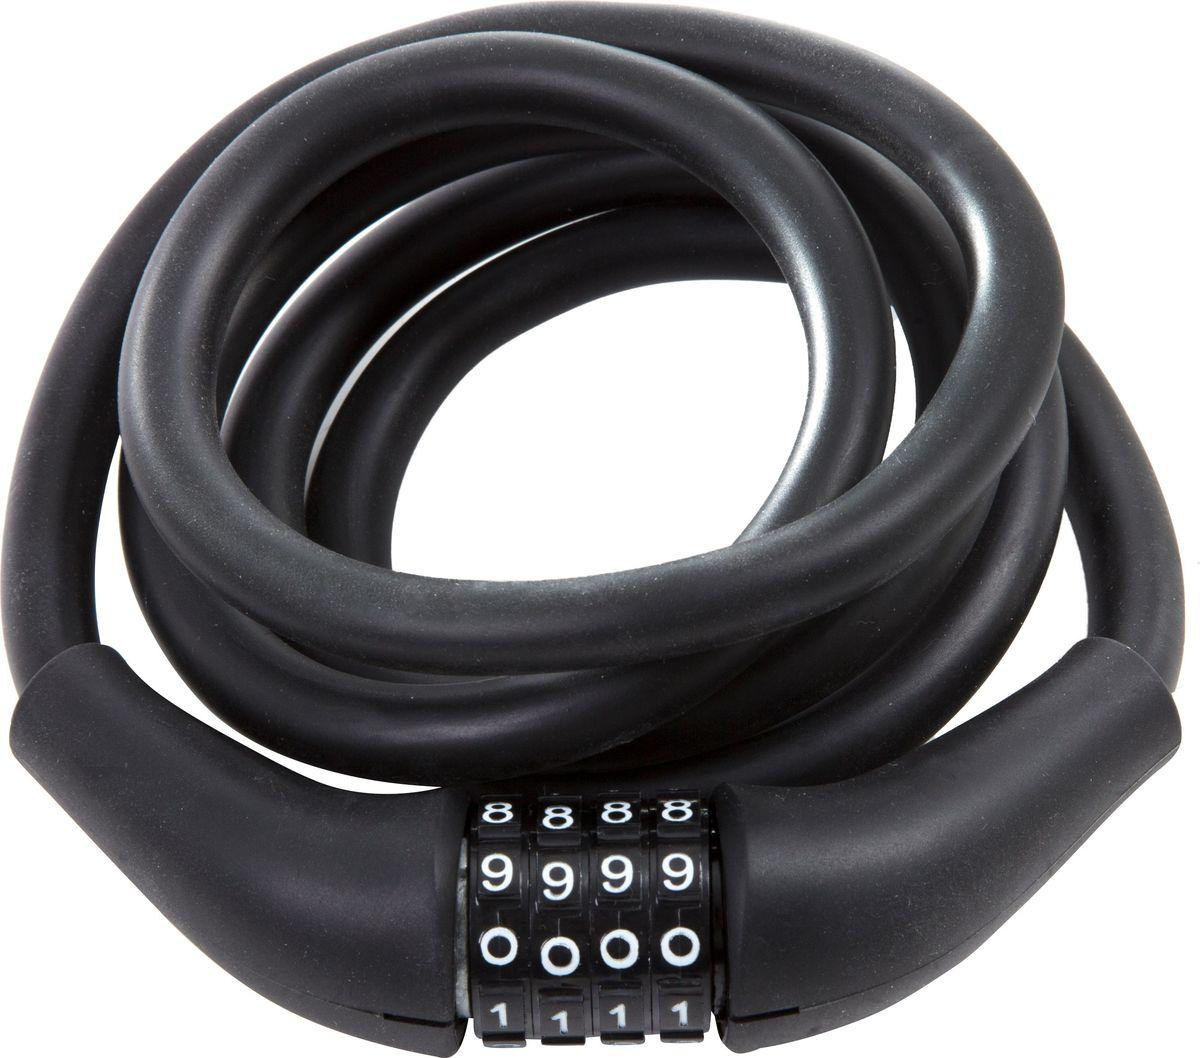 Замок велосипедный STG CLM-866, кодовый, запоминающий форму трос, цвет: черный, 12 мм х 150 смХ83384Кодовый велозамок STG поможет обезопасить велосипед от угона. Особенность троса в том, что он запоминает и сохраняет форму. Выполнен из метала, пластика и резины. Будучи легким, гибким и надежным, он станет замечательным решением для обеспечения безопасности велосипеда. Диаметр троса: 12 мм. Длина: 150 см.